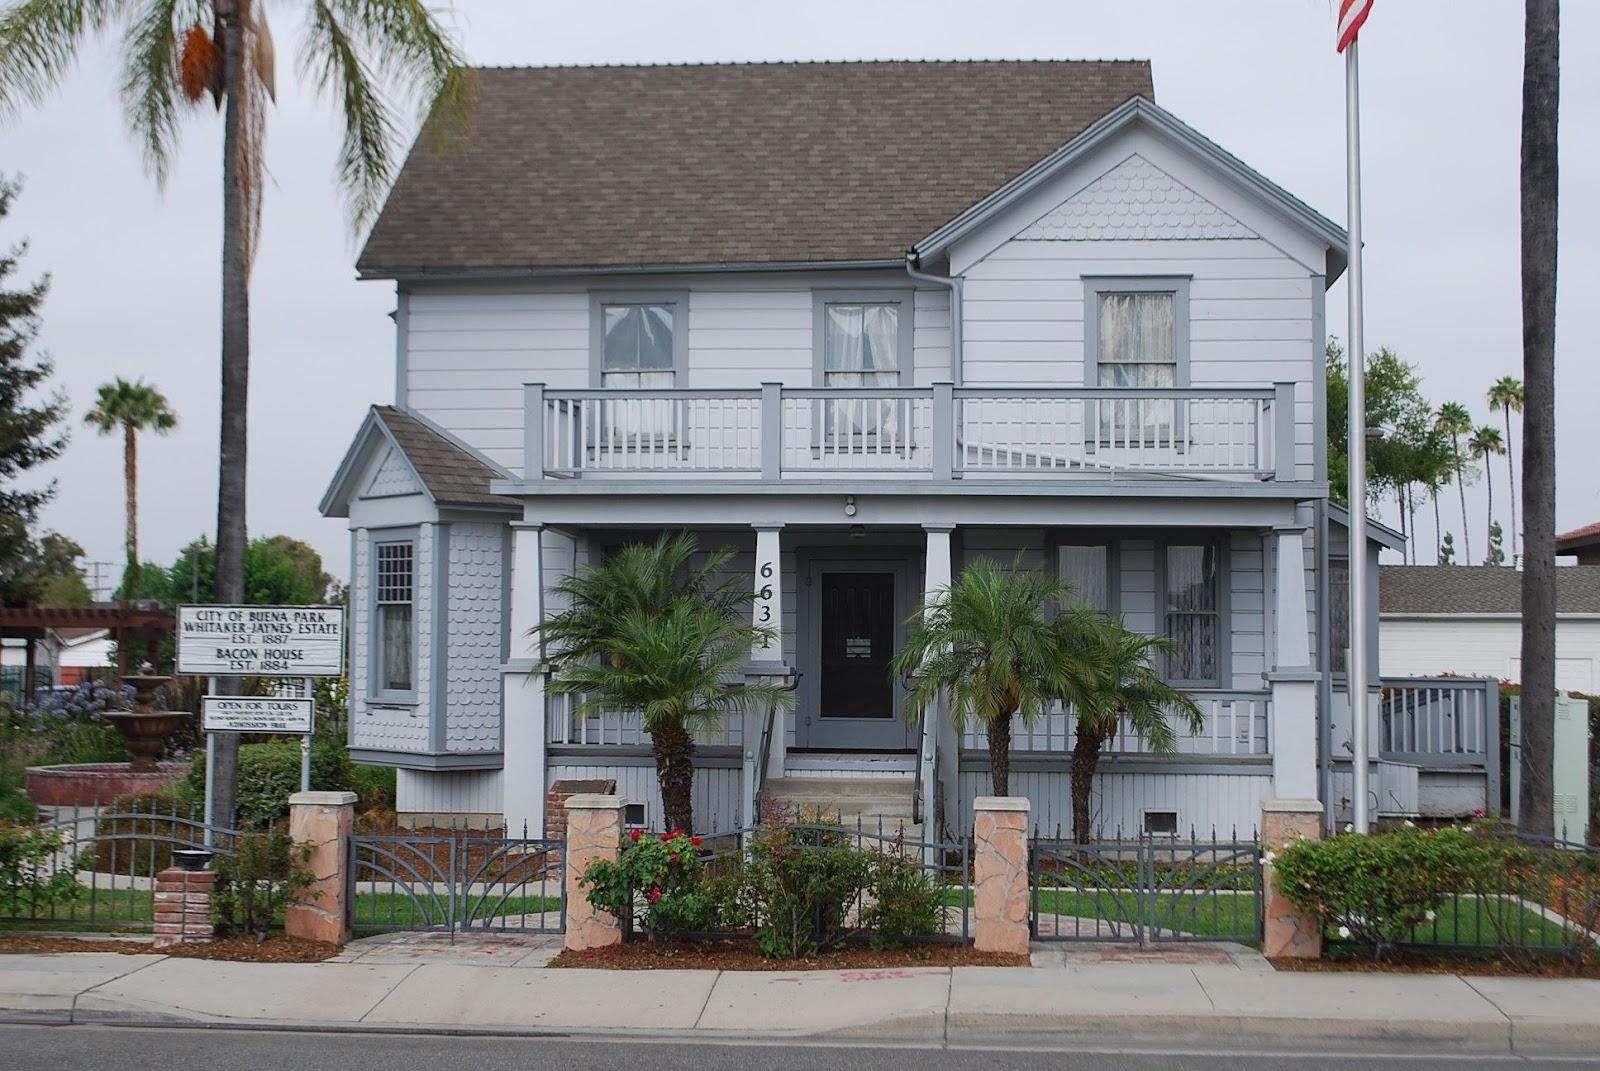 Buena Park Historic District Tours | Buena Park, CA